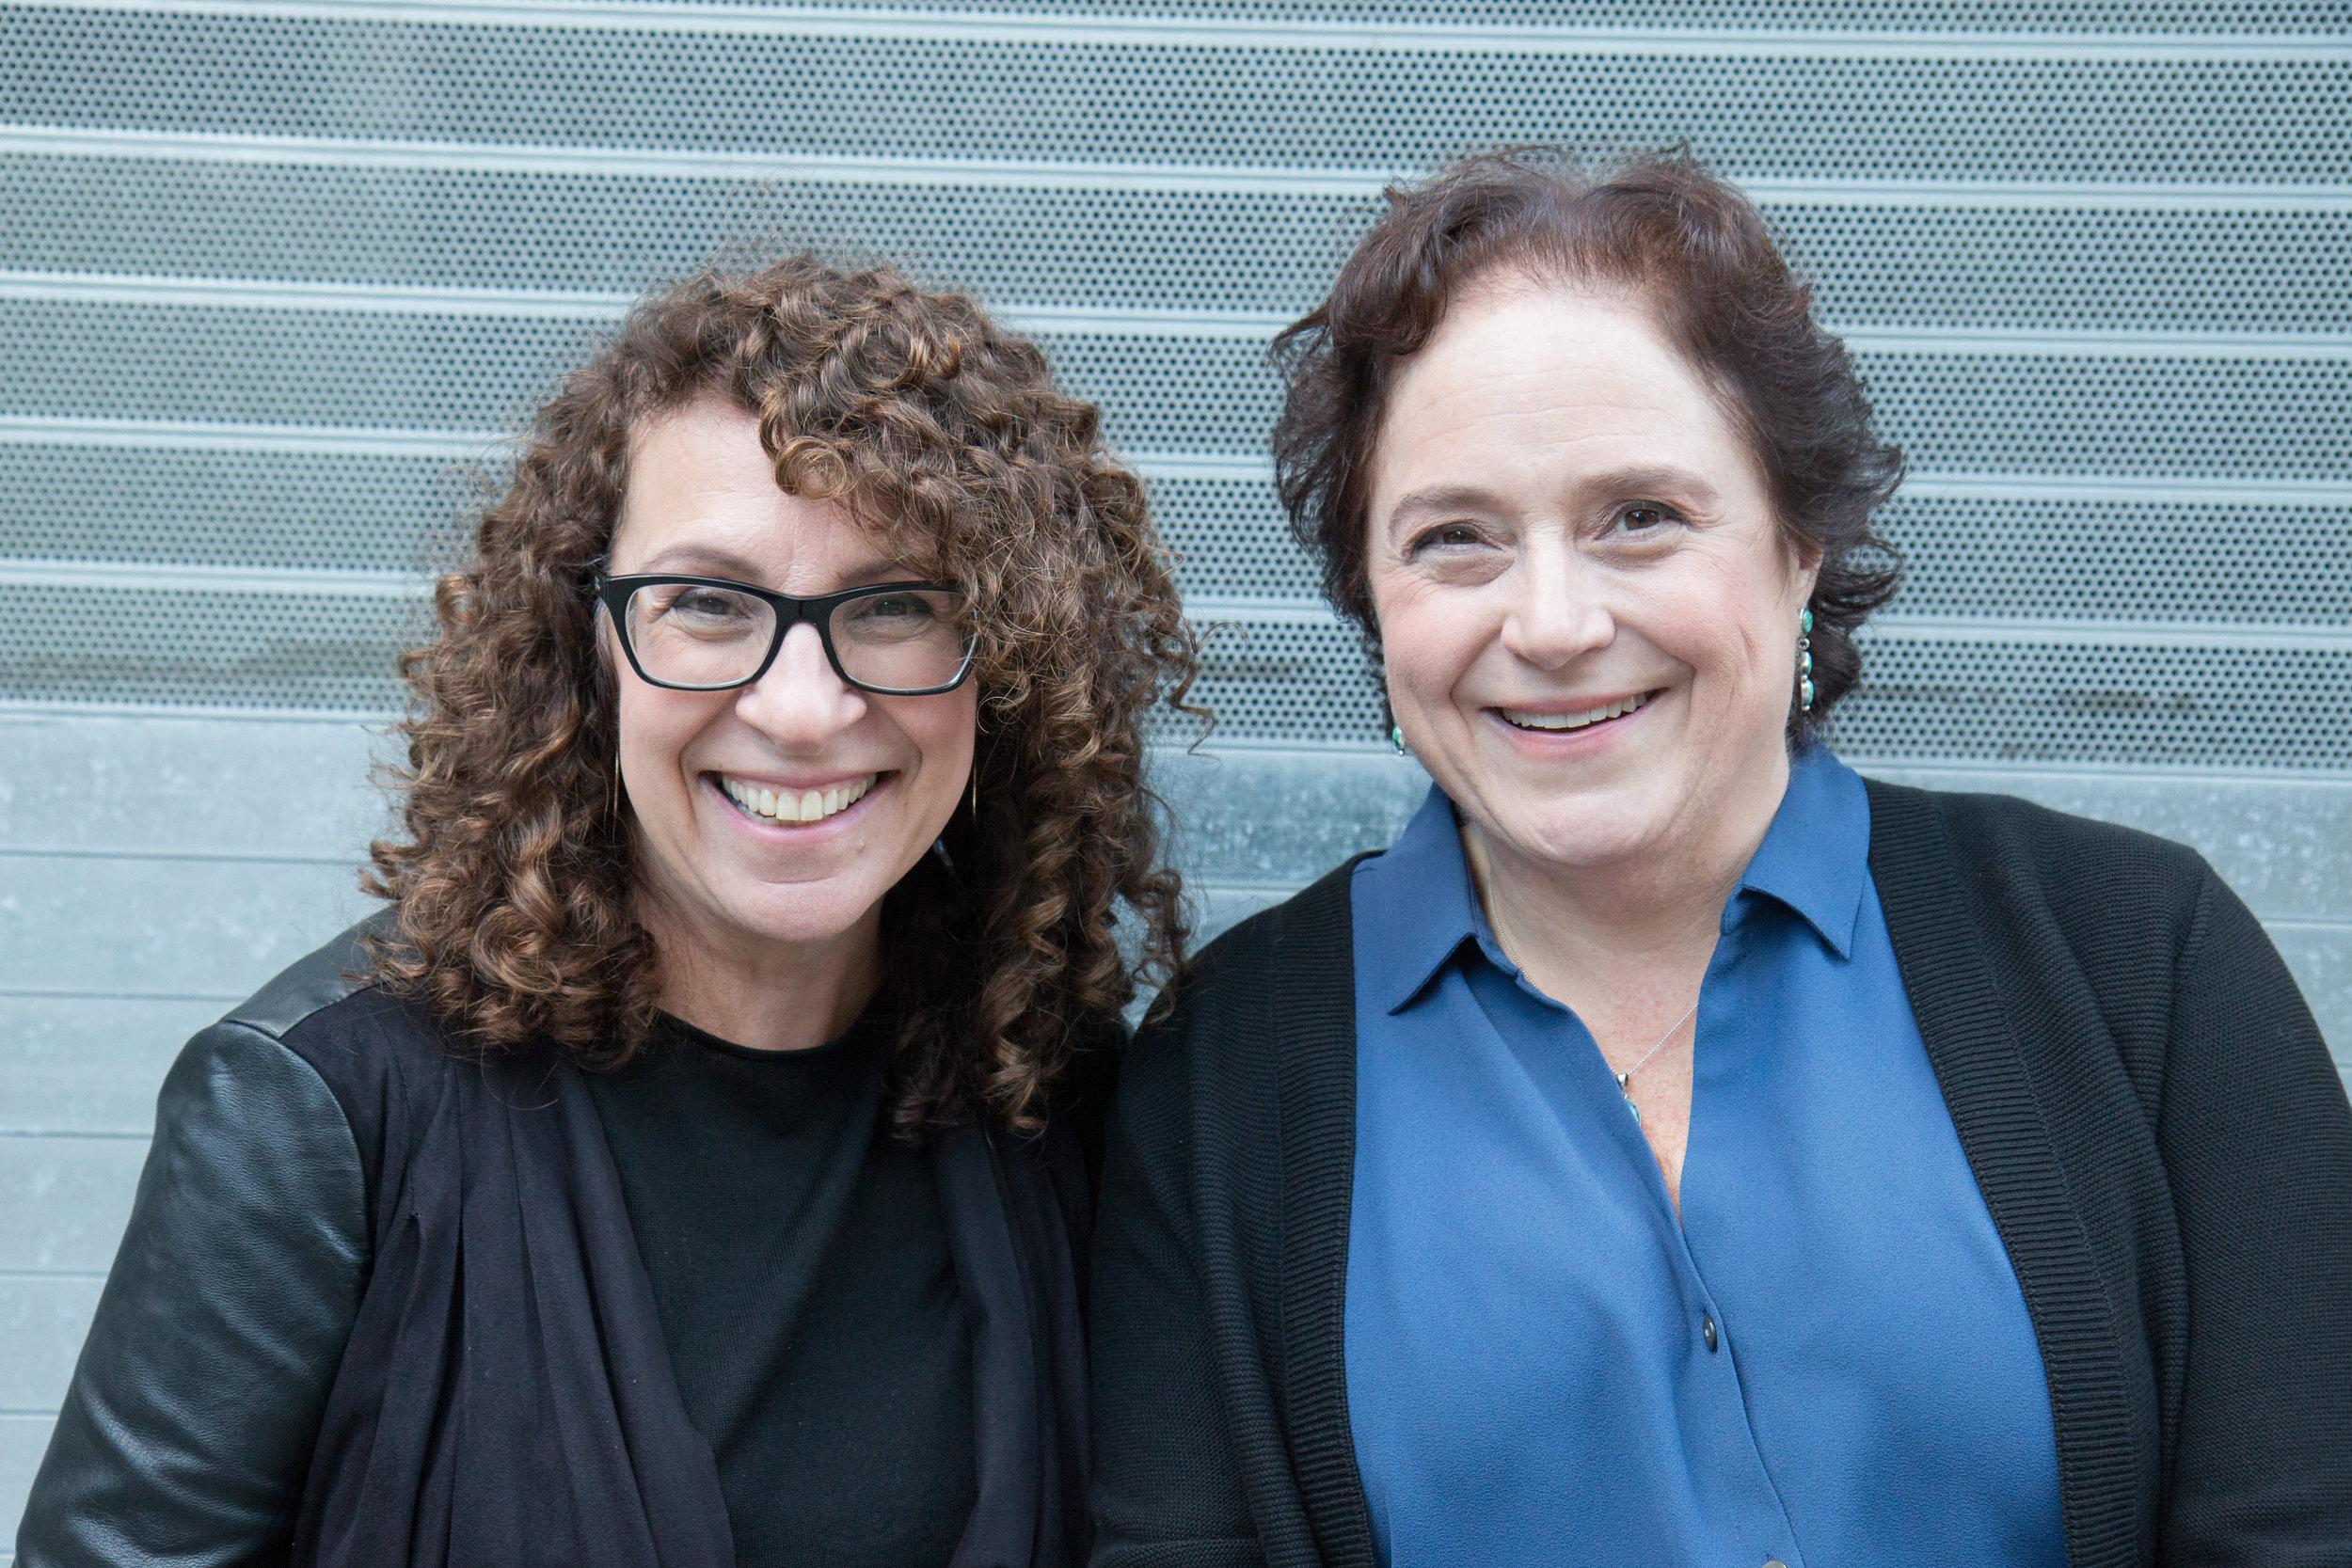 Vogliamo che le donne assumano un ruolo attivo nella definizione del loro futuro - Cecilia Dintino e Hannah Murray Starobin sono le co-fondatrici di Twisting the Plot, un programma che aiuta a immaginare nuove direzioni